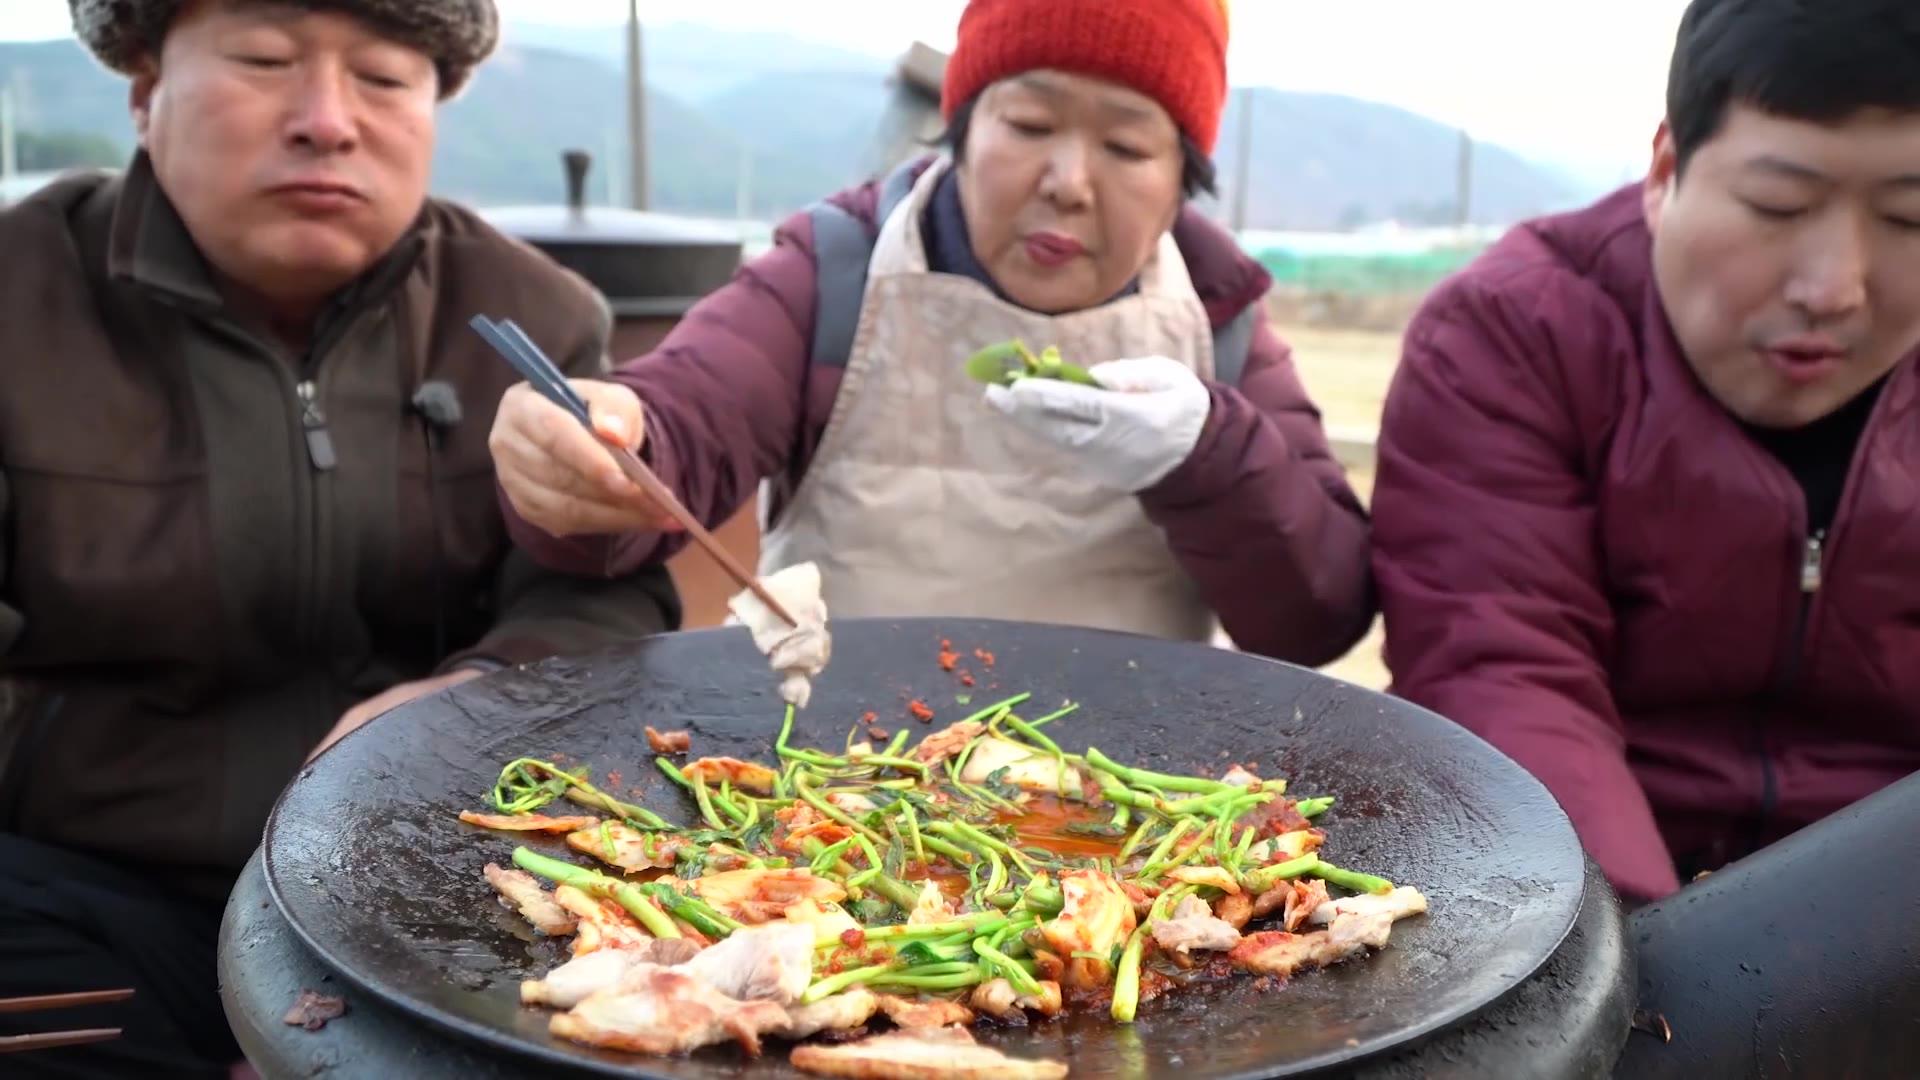 脆脆的芹菜和烤五花肉的组合,用苏子叶洋葱包上超好吃~